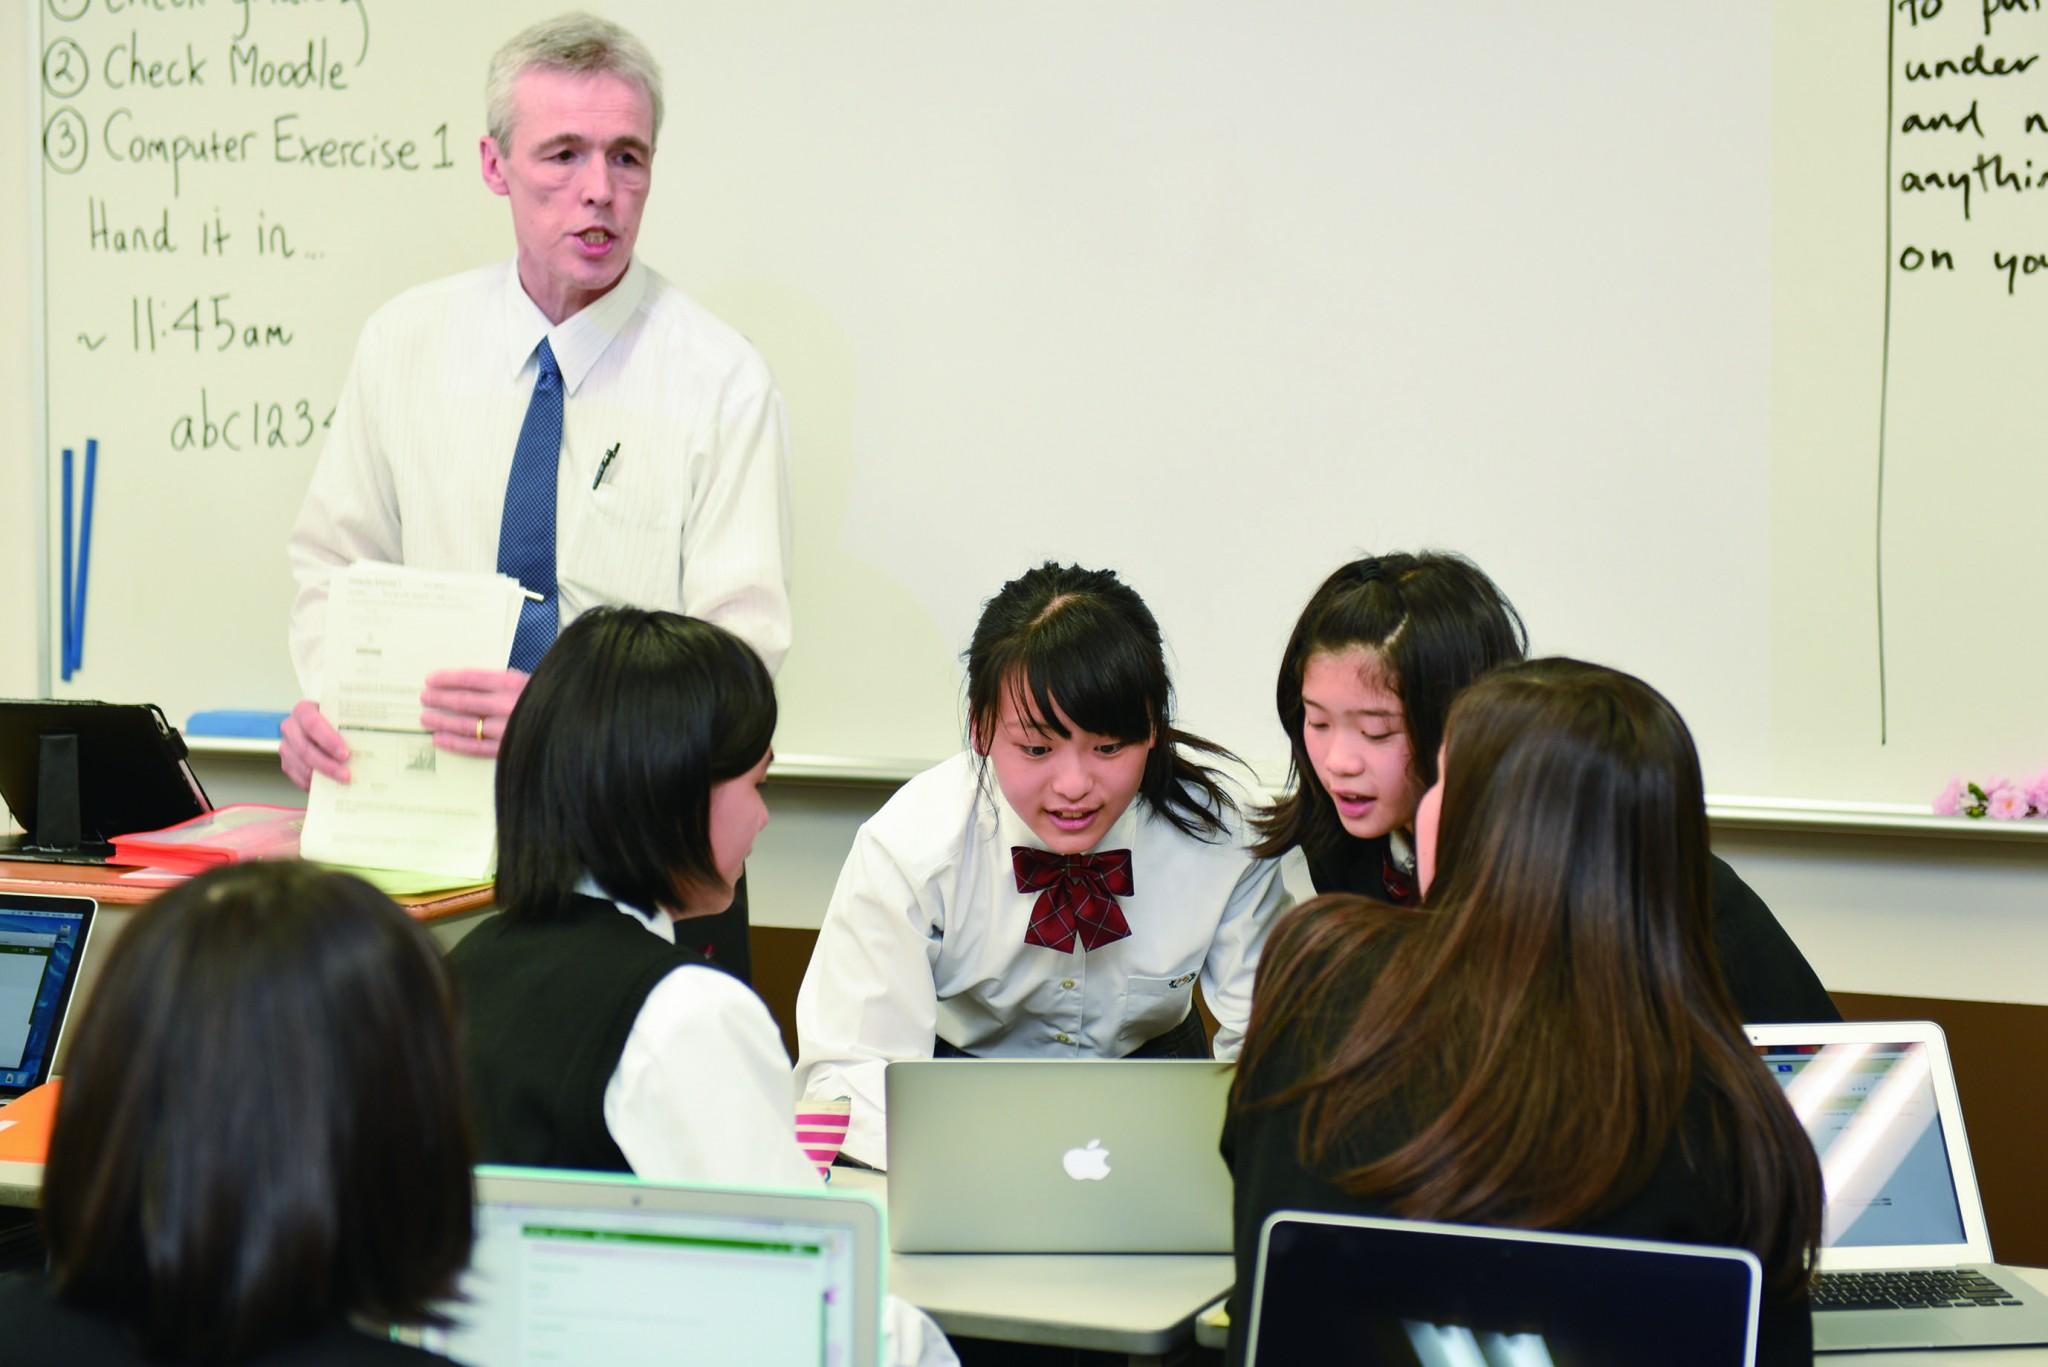 【広尾学園】短期間で有力進学校に大躍進。学校改革をなしとげた秘訣とは?